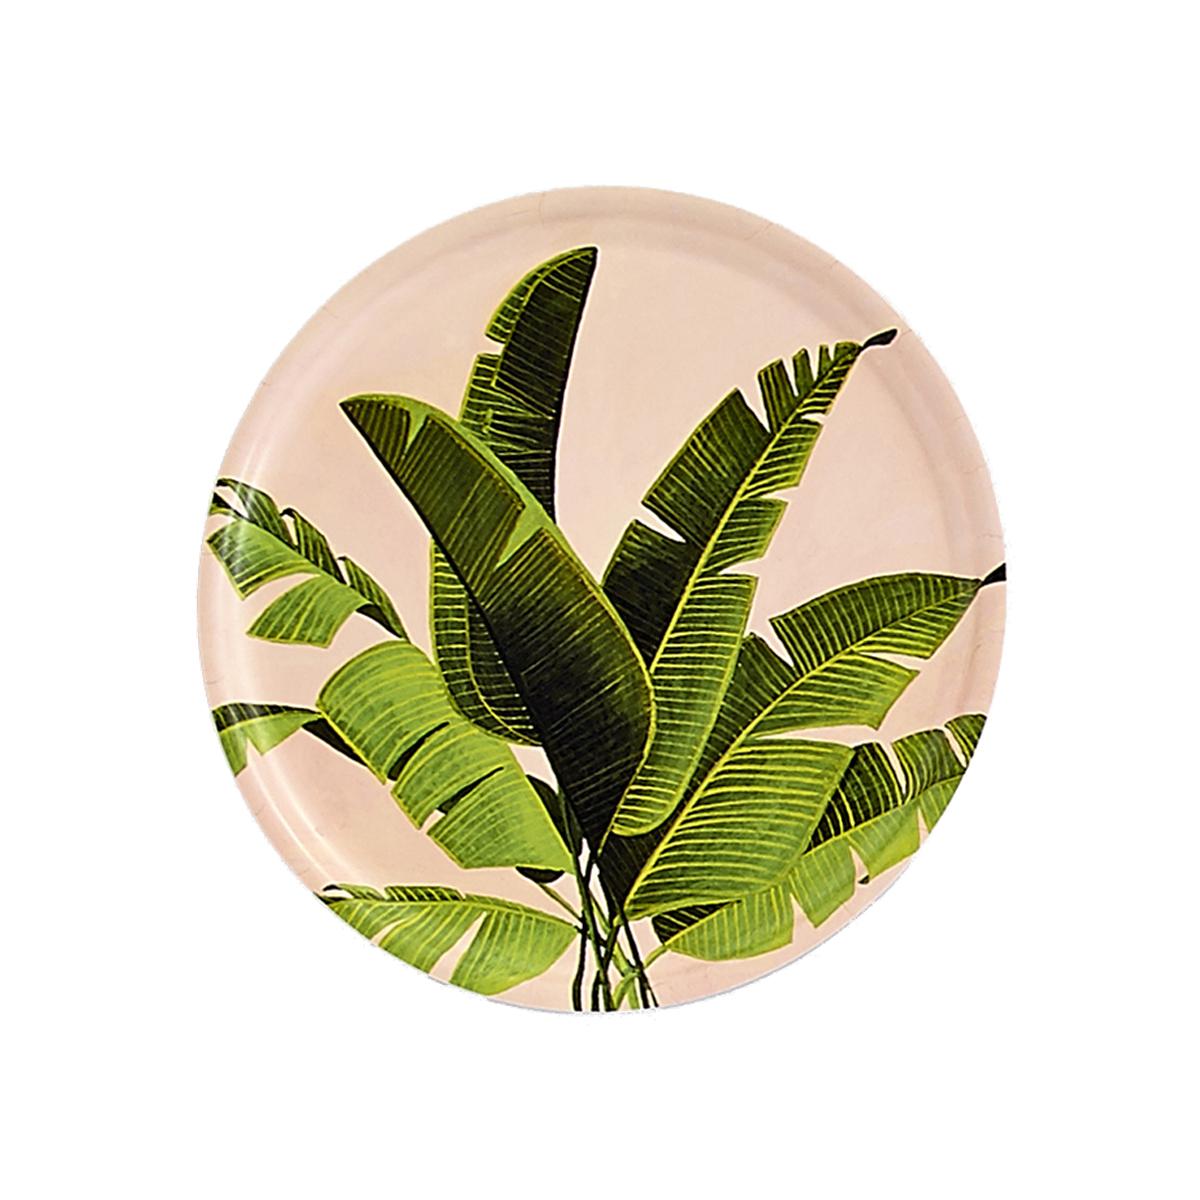 Plateau rond en bois bananier 35 cm